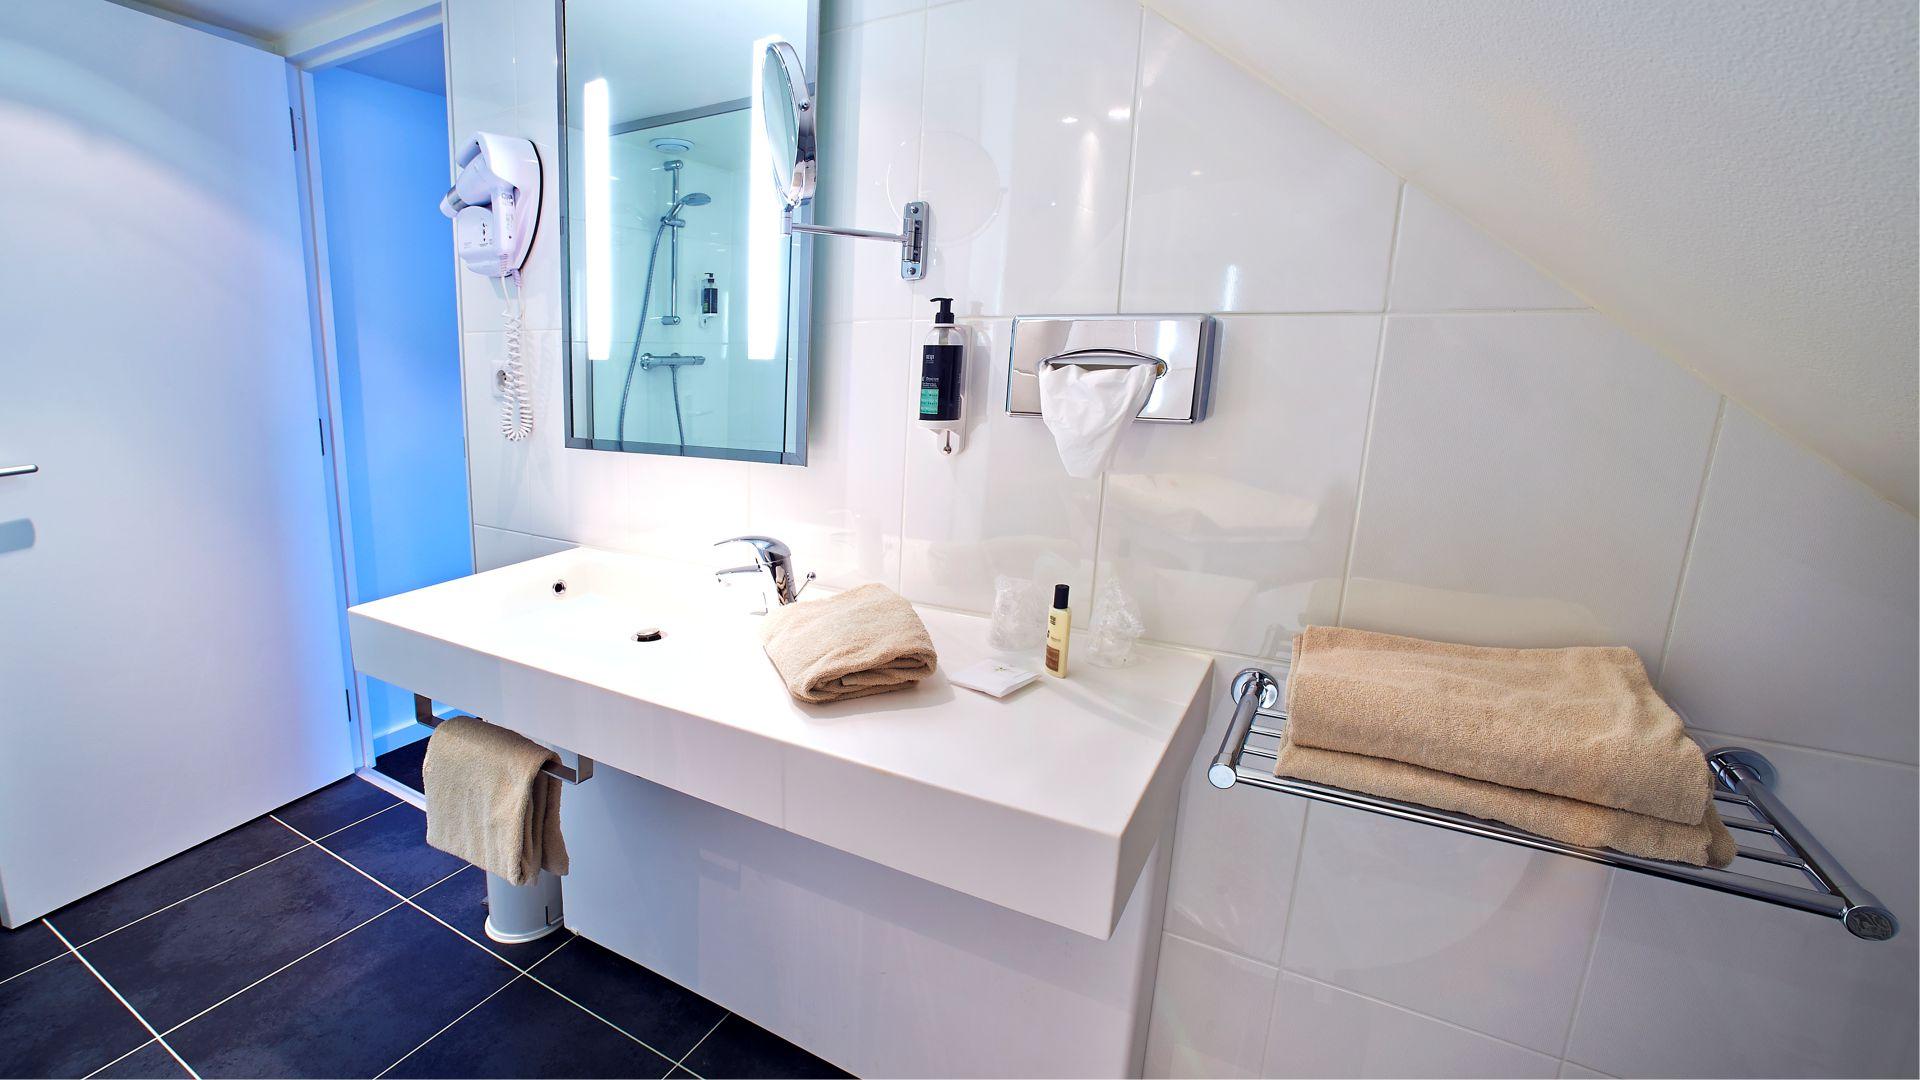 Salle de bain chambre Famille du Najeti Hôtel de l'Univers à Arras